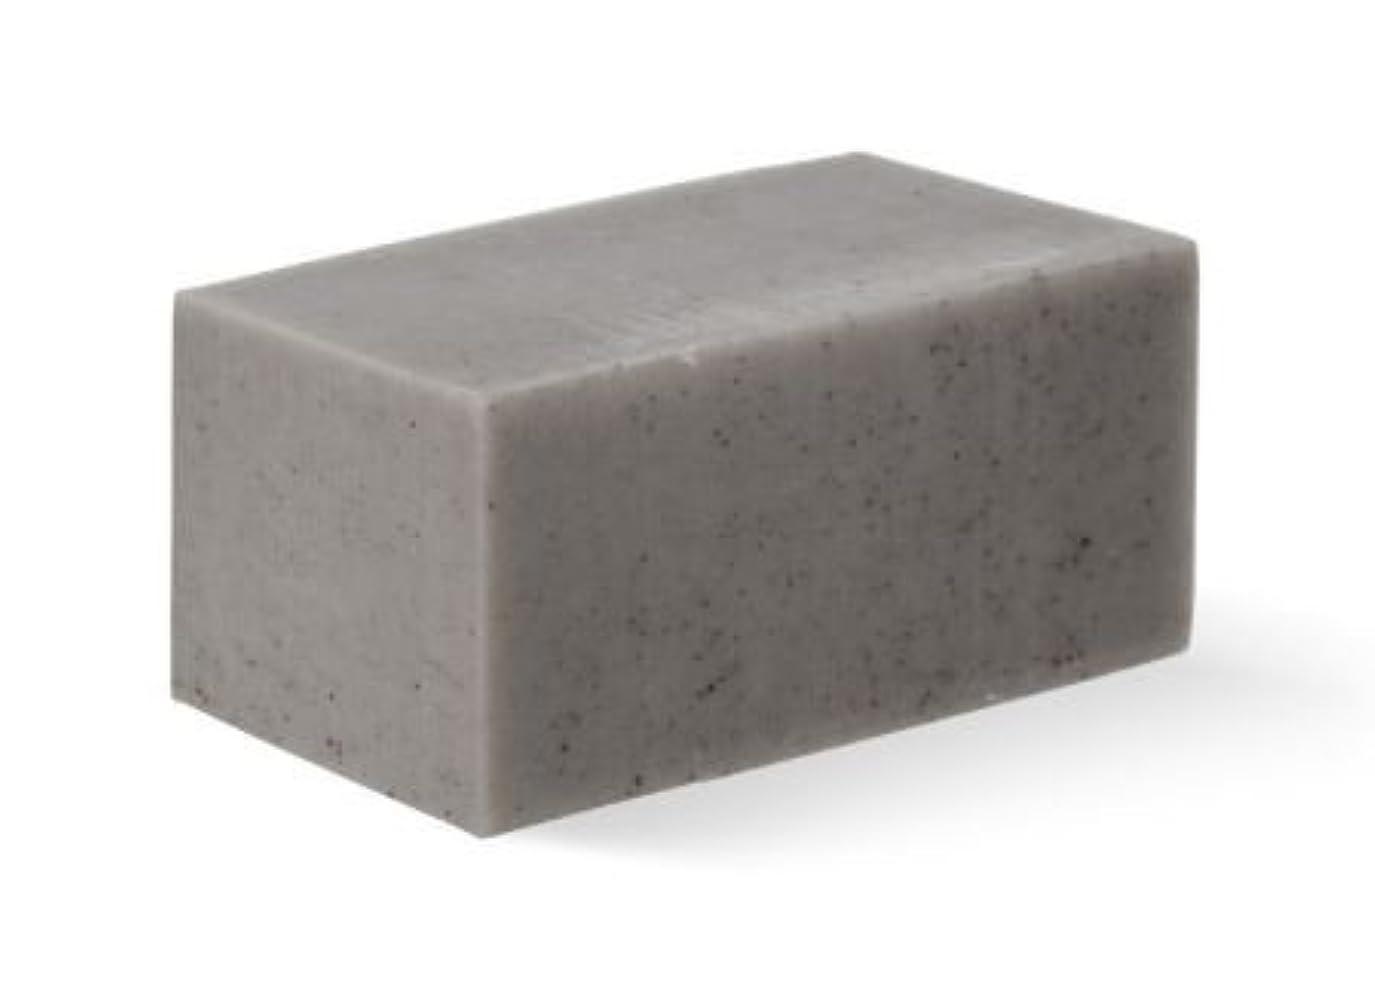 スタジアム魔法雄弁家[Abib] Facial Soap grey Brick 100g/[アビブ]フェイシャルソープグレー ブリック100g [並行輸入品]